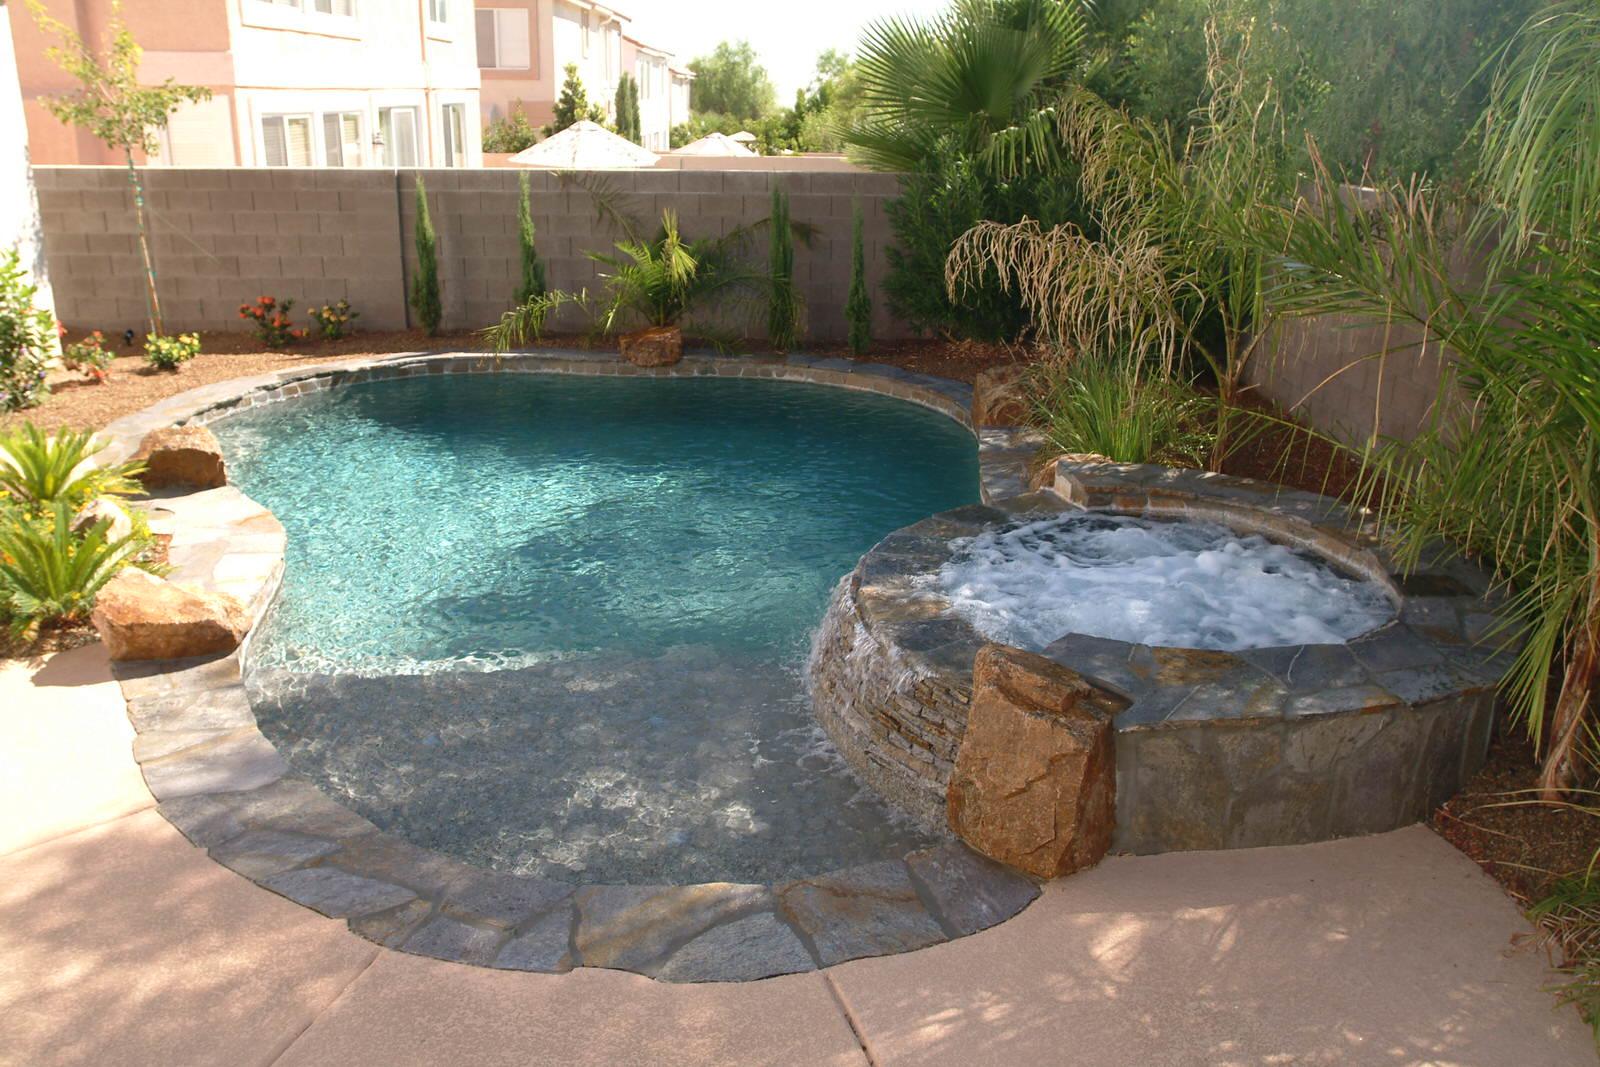 Spools & Small Pools — California Pools